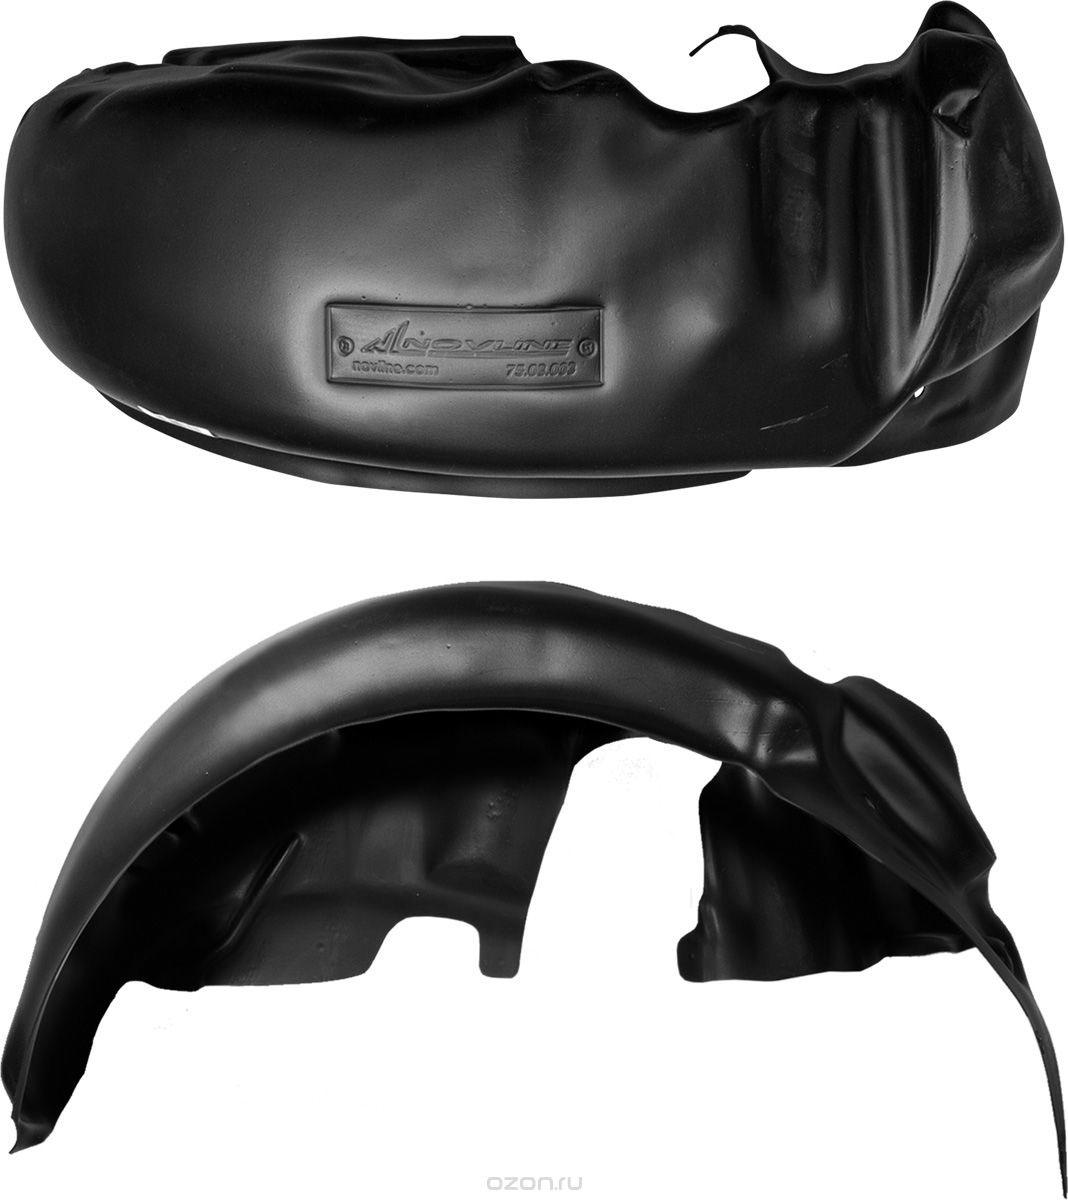 Подкрылок Novline-Autofamily, для УАЗ Hunter, 11/2003->, передний правыйNLL.54.06.002Идеальная защита колесной ниши. Локеры разработаны с применением цифровых технологий, гарантируют максимальную повторяемость поверхности арки. Изделия устанавливаются без нарушения лакокрасочного покрытия автомобиля, каждый подкрылок комплектуется крепежом. Уважаемые клиенты, обращаем ваше внимание, что фотографии на подкрылки универсальные и не отражают реальную форму изделия. При этом само изделие идет точно под размер указанного автомобиля.